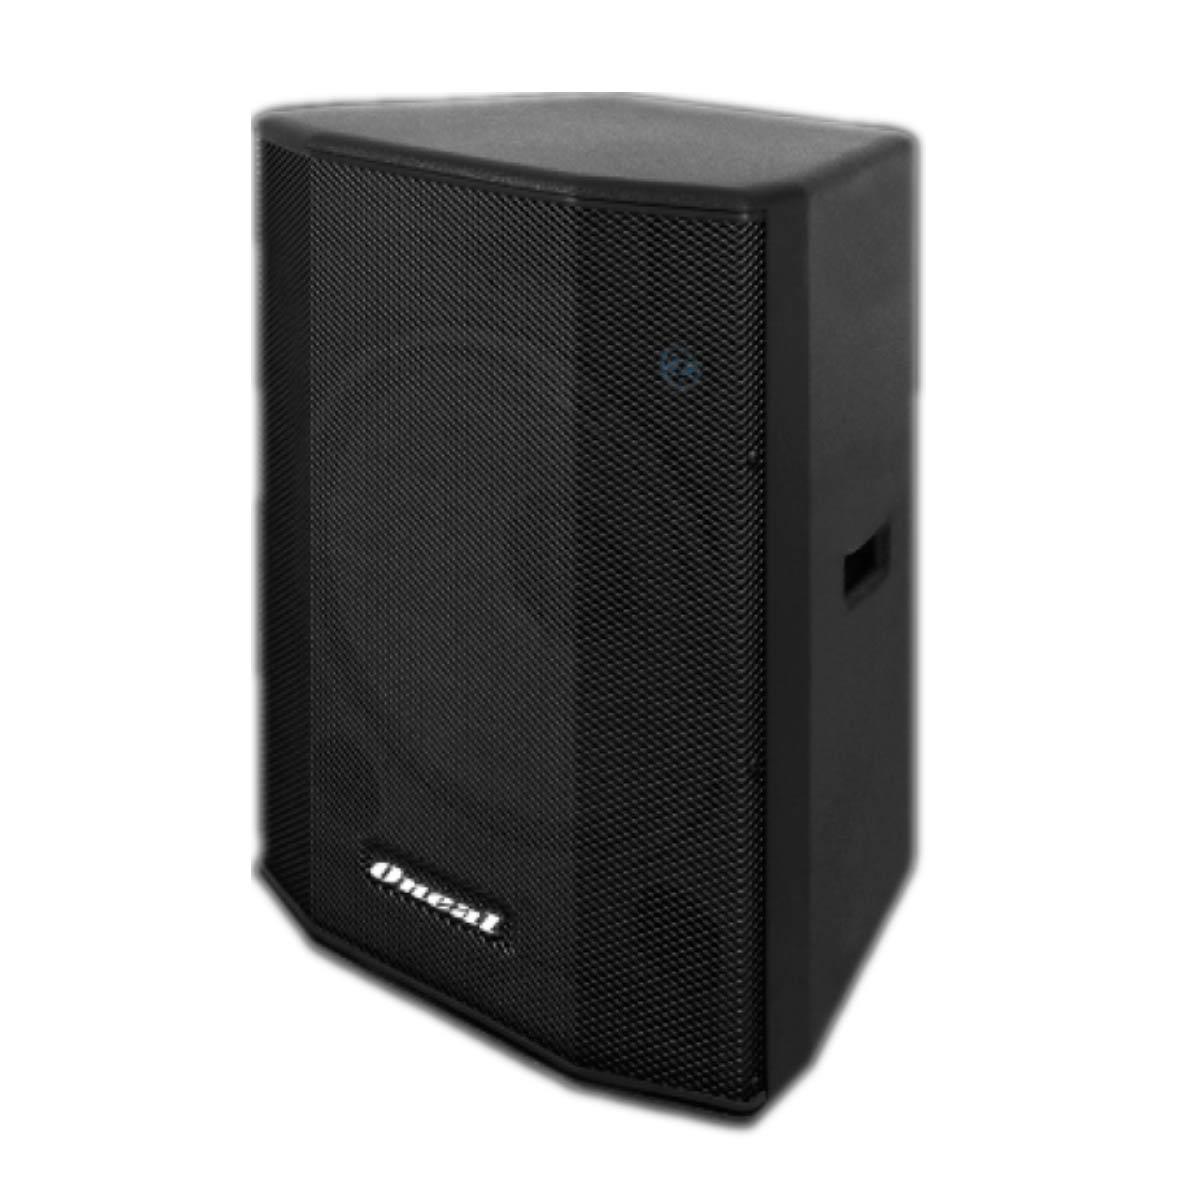 Caixa Acústica Oneal Ativa 250 W Rms Opb1750